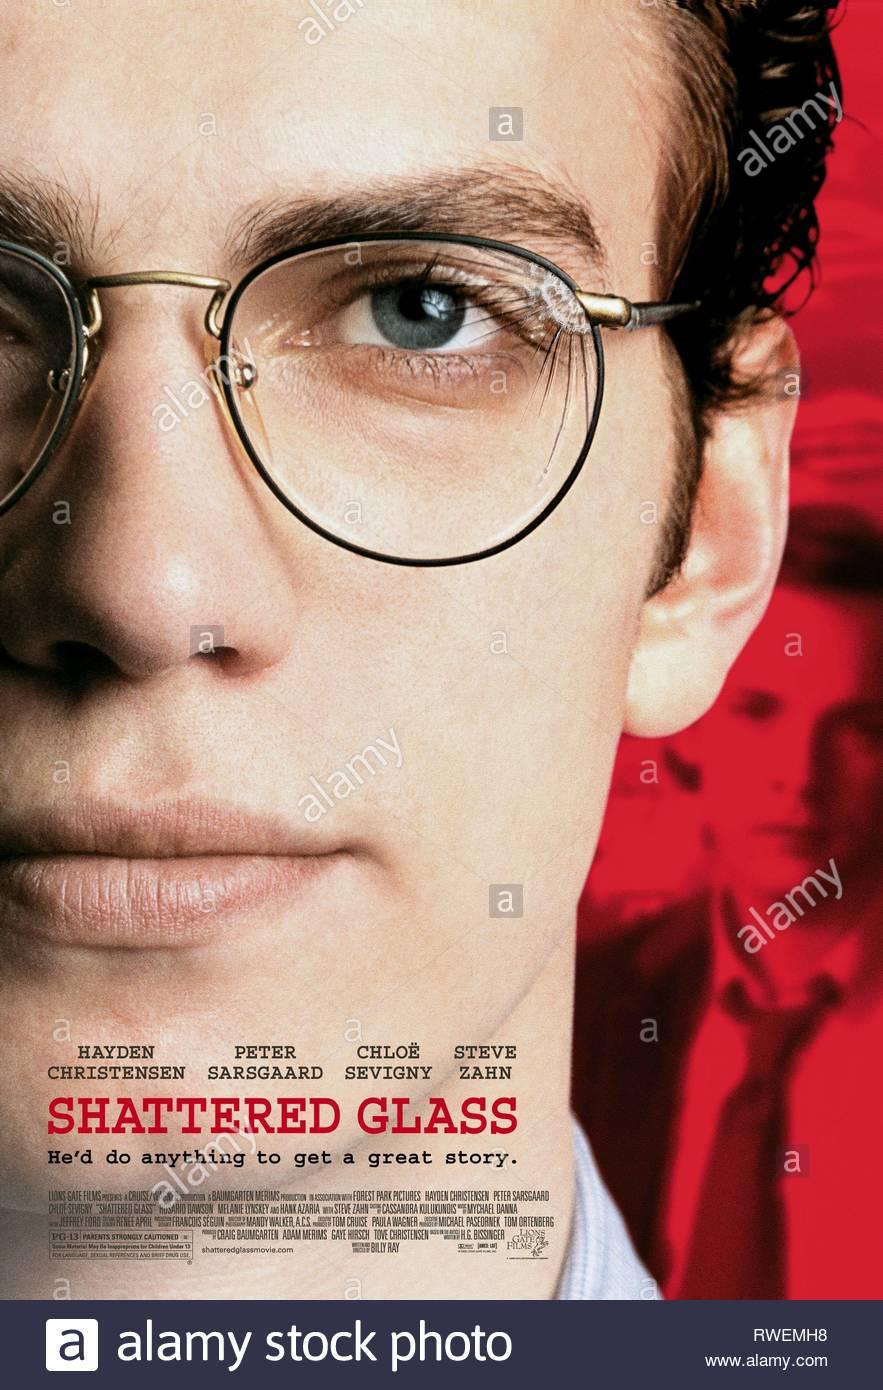 HAYDEN CHRISTENSEN FILM POSTER, SHATTERED GLASS, 2003 - Stock Image